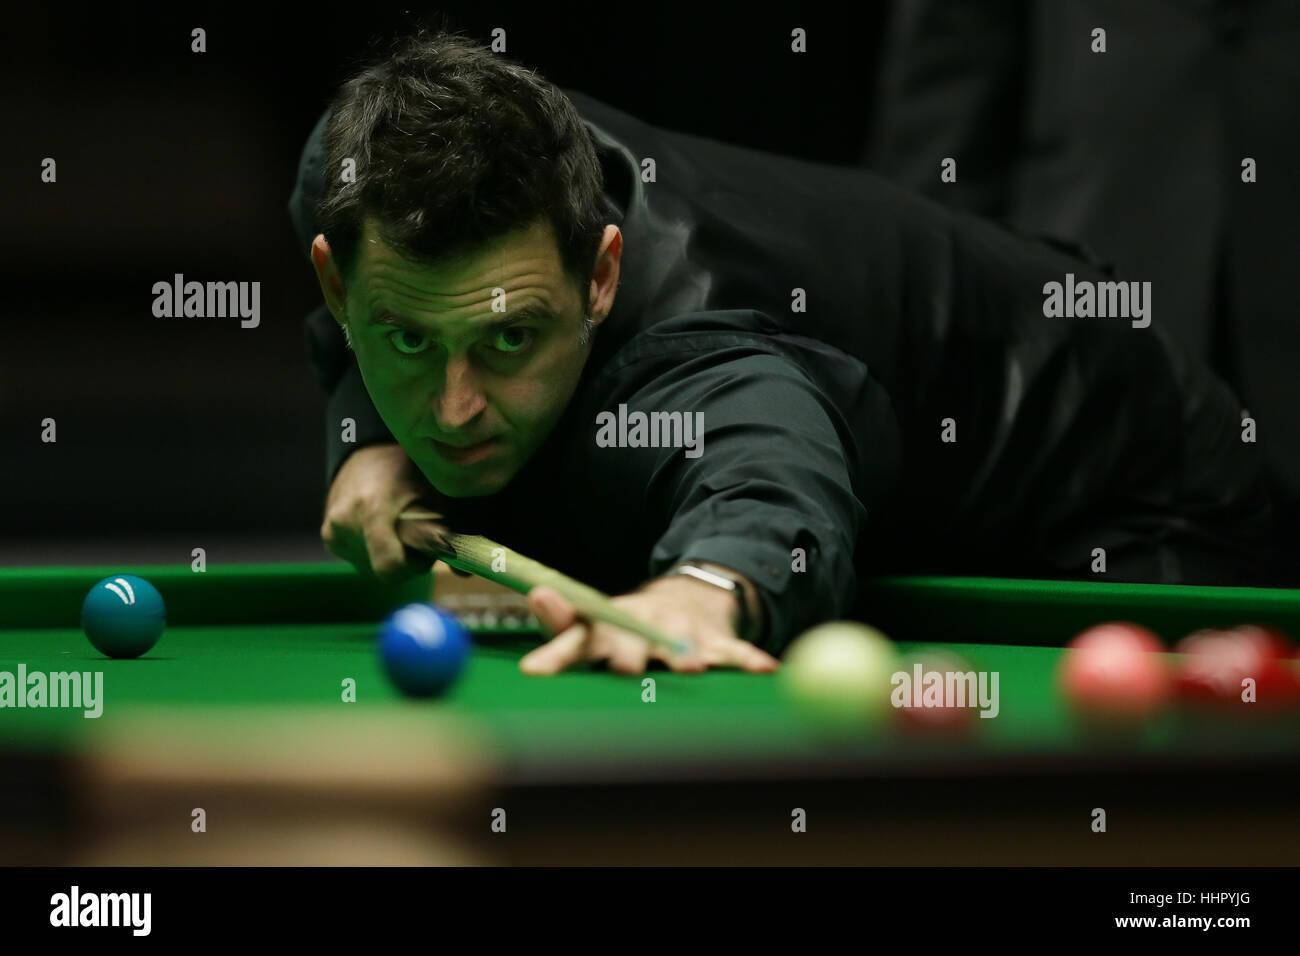 Londres, Reino Unido. 19 ene, 2017. Ronnie O'Sullivan de Inglaterra golpea la bola durante el quarterfinal coinciden Foto de stock